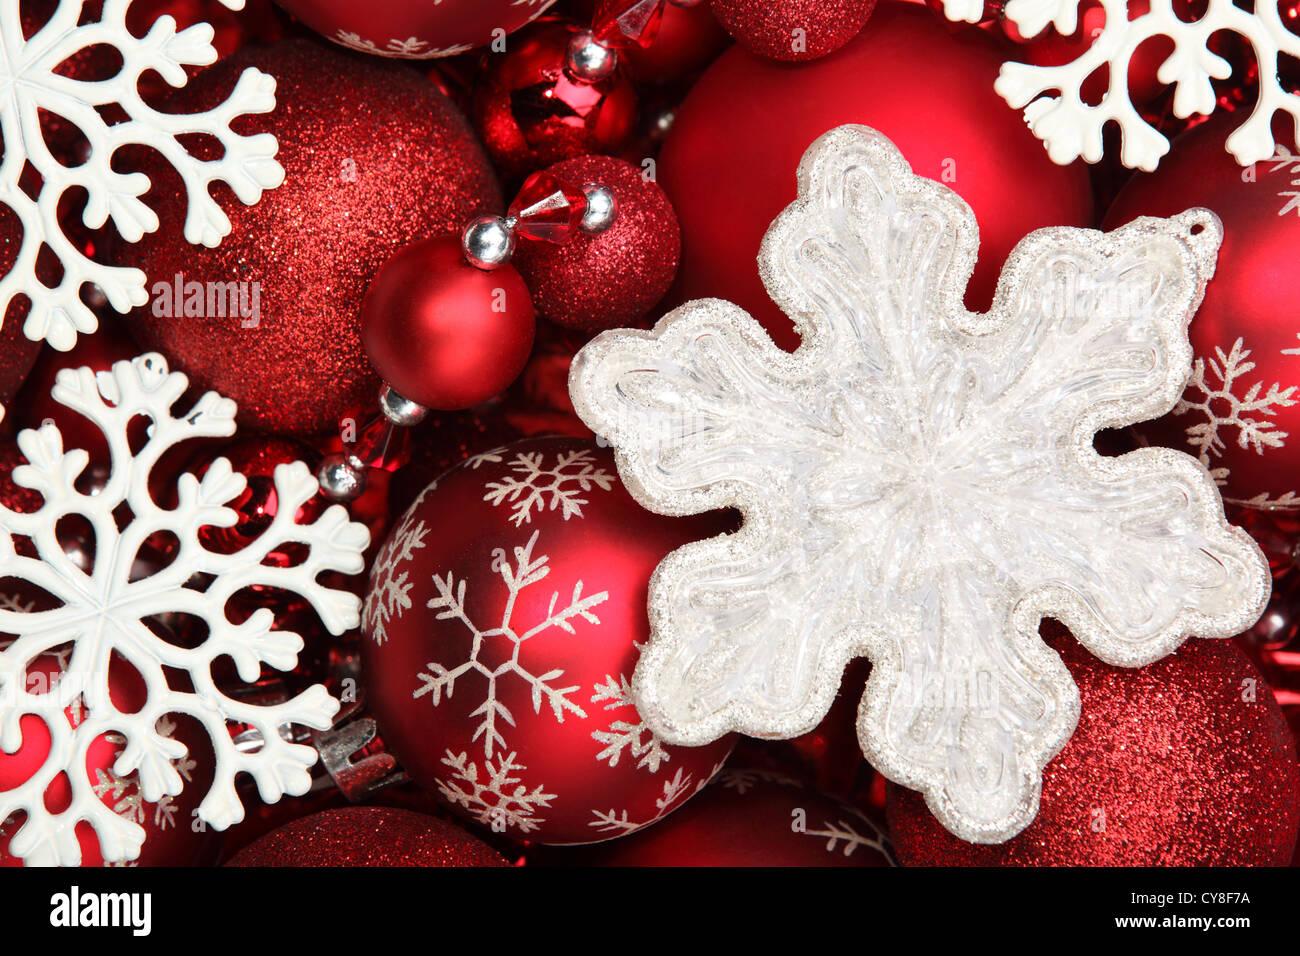 Il simbolo del fiocco di neve e rosso palle di Natale Immagini Stock